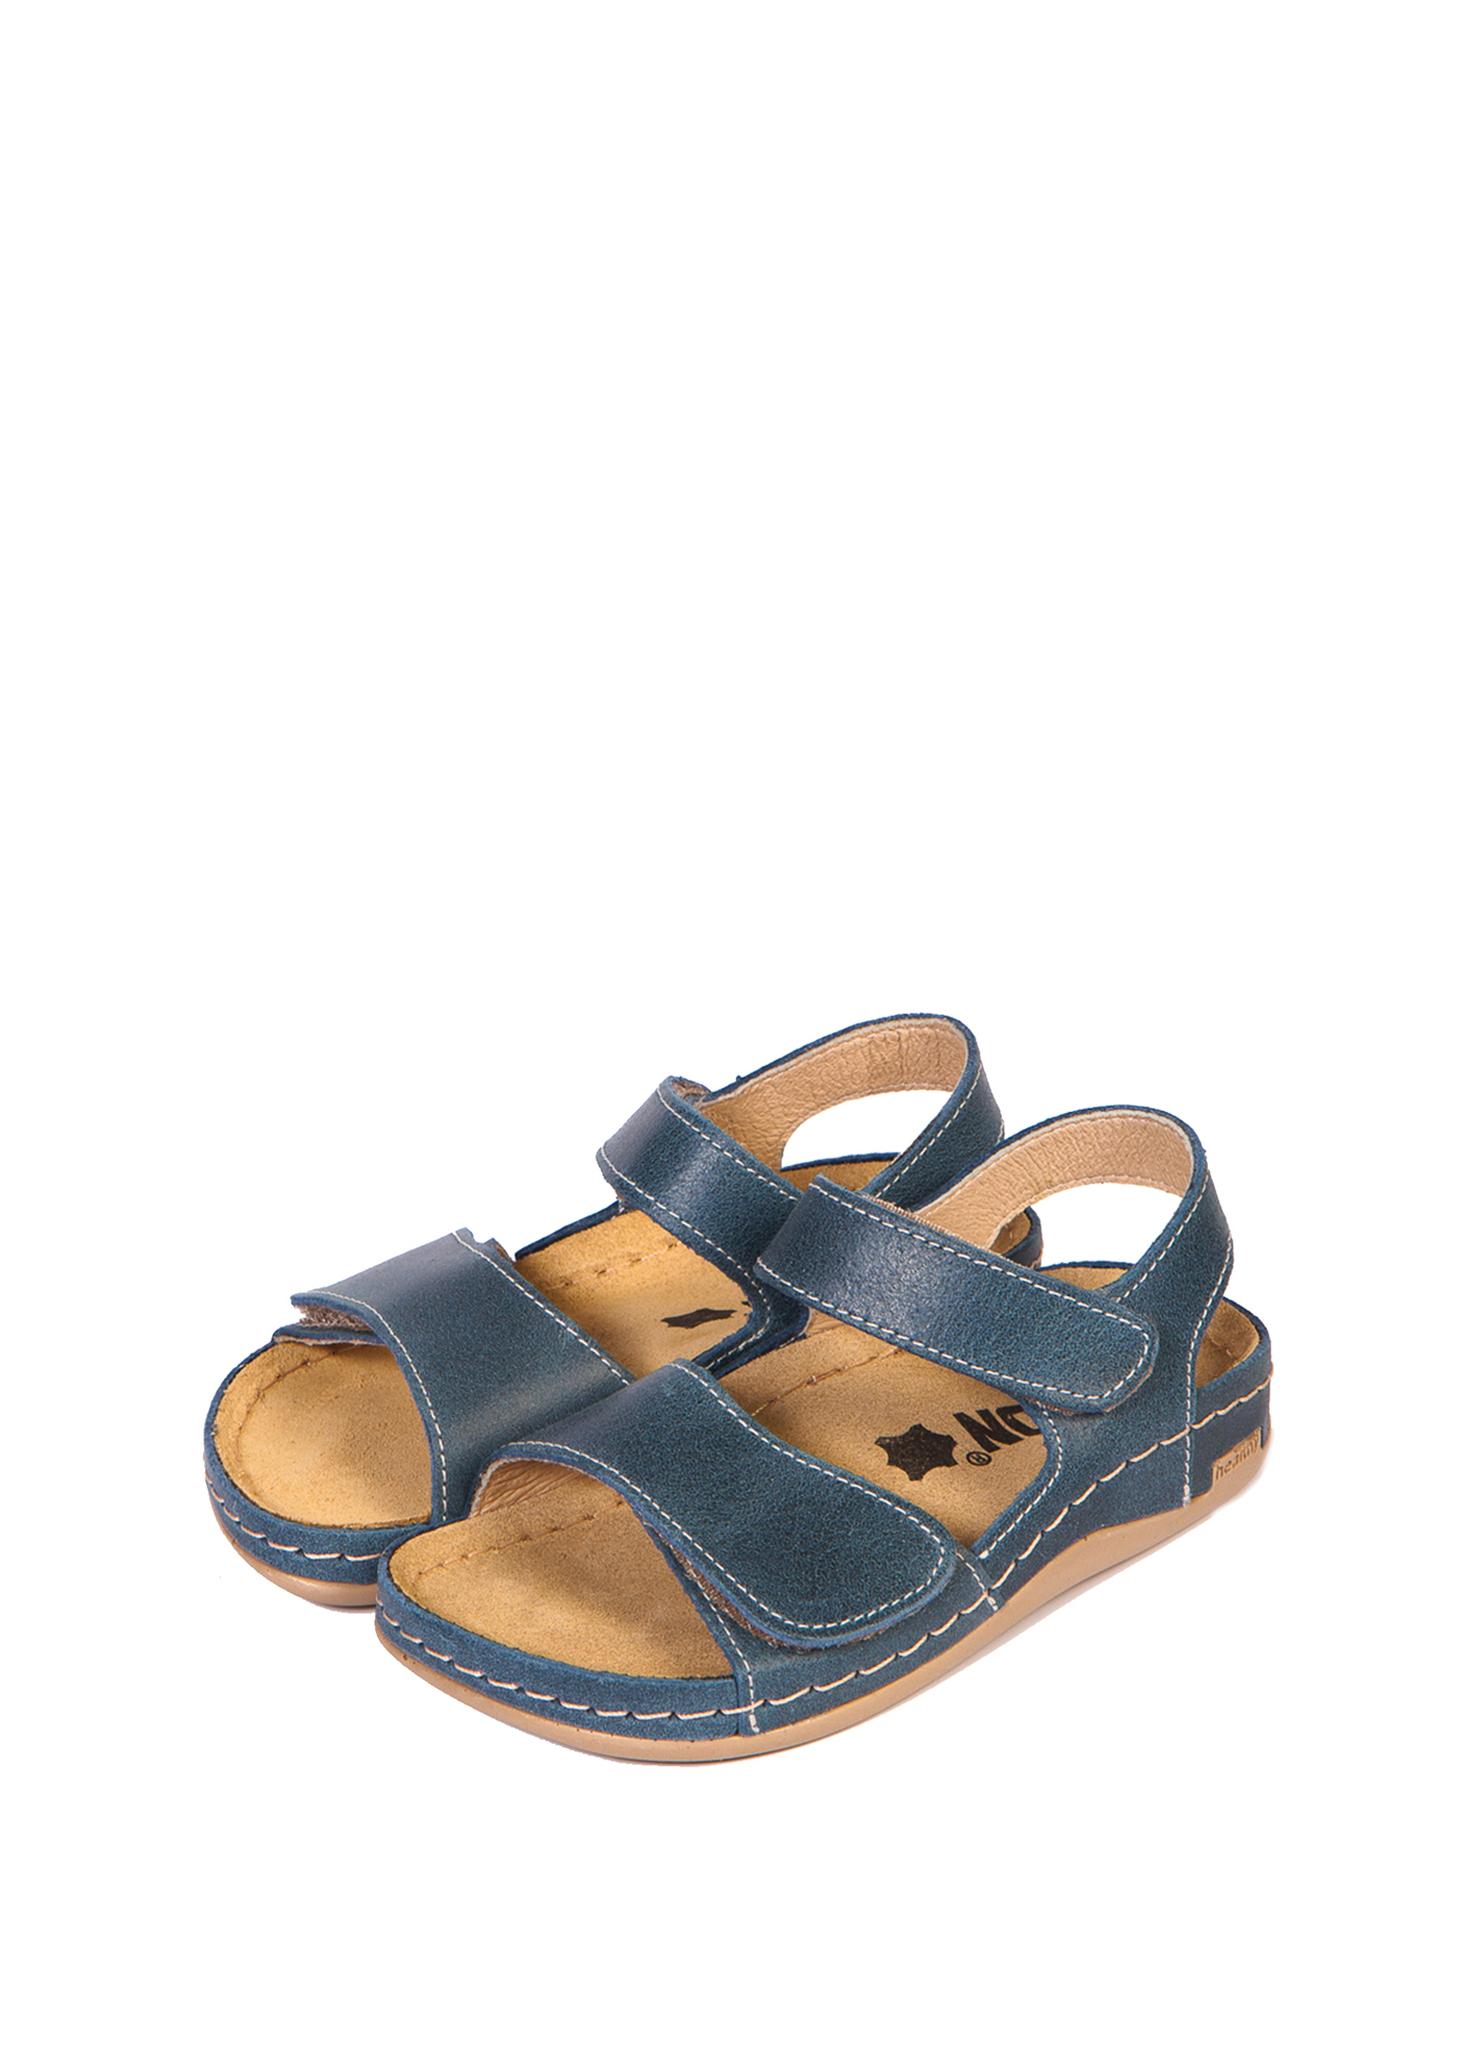 Детские сандалии ЛЕОН